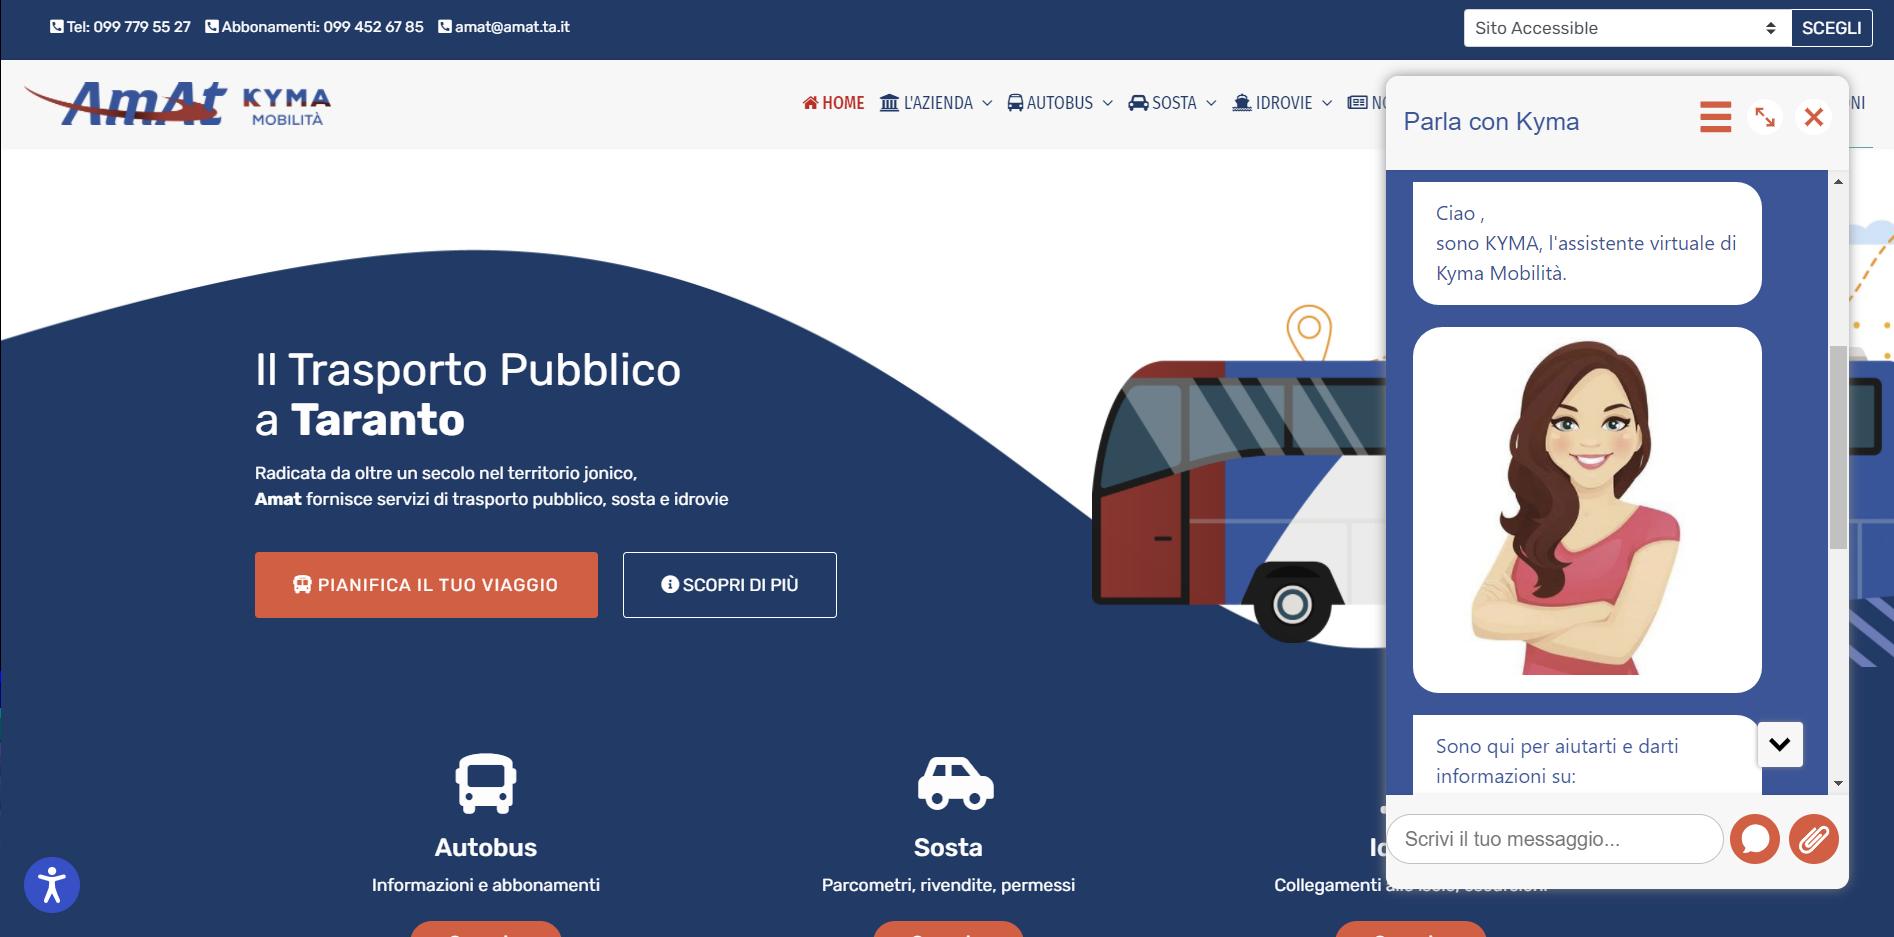 Kyma: l'assistente virtuale per gli utenti di Amat Kyma Mobilità, sviluppata da CrowdM e PA ABS. 3